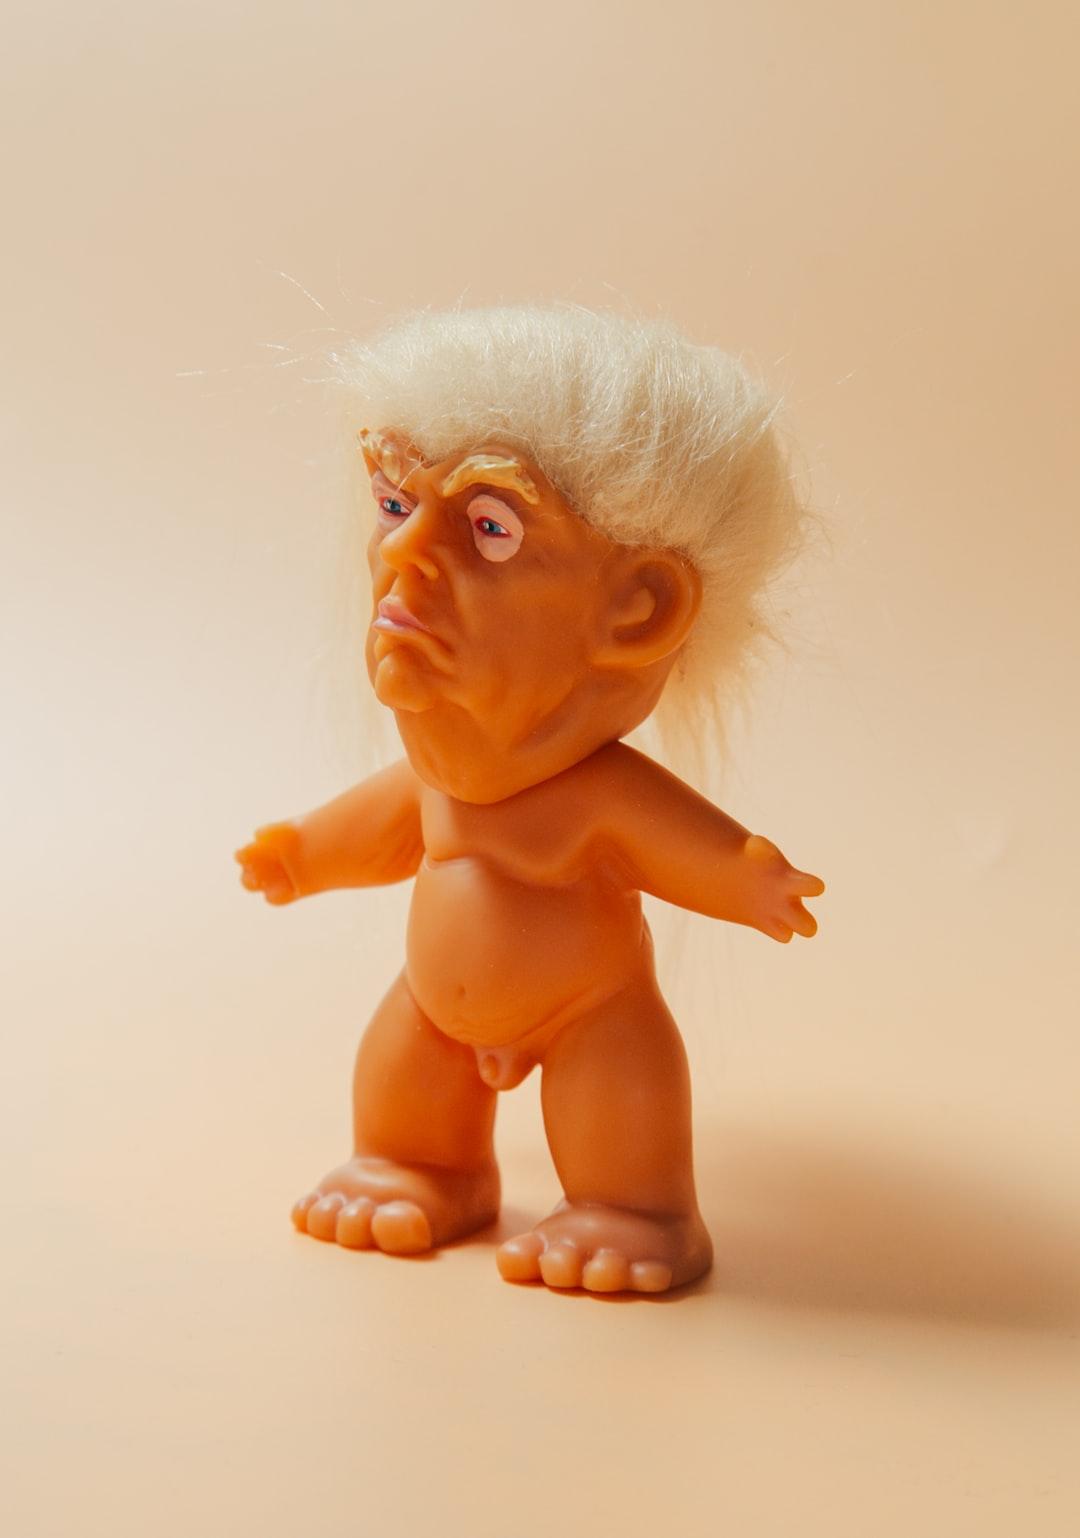 Trump Troll (https://www.kickstarter.com/projects/trumptroll/trump-troll-doll-sculpture-by-chuck-williams)